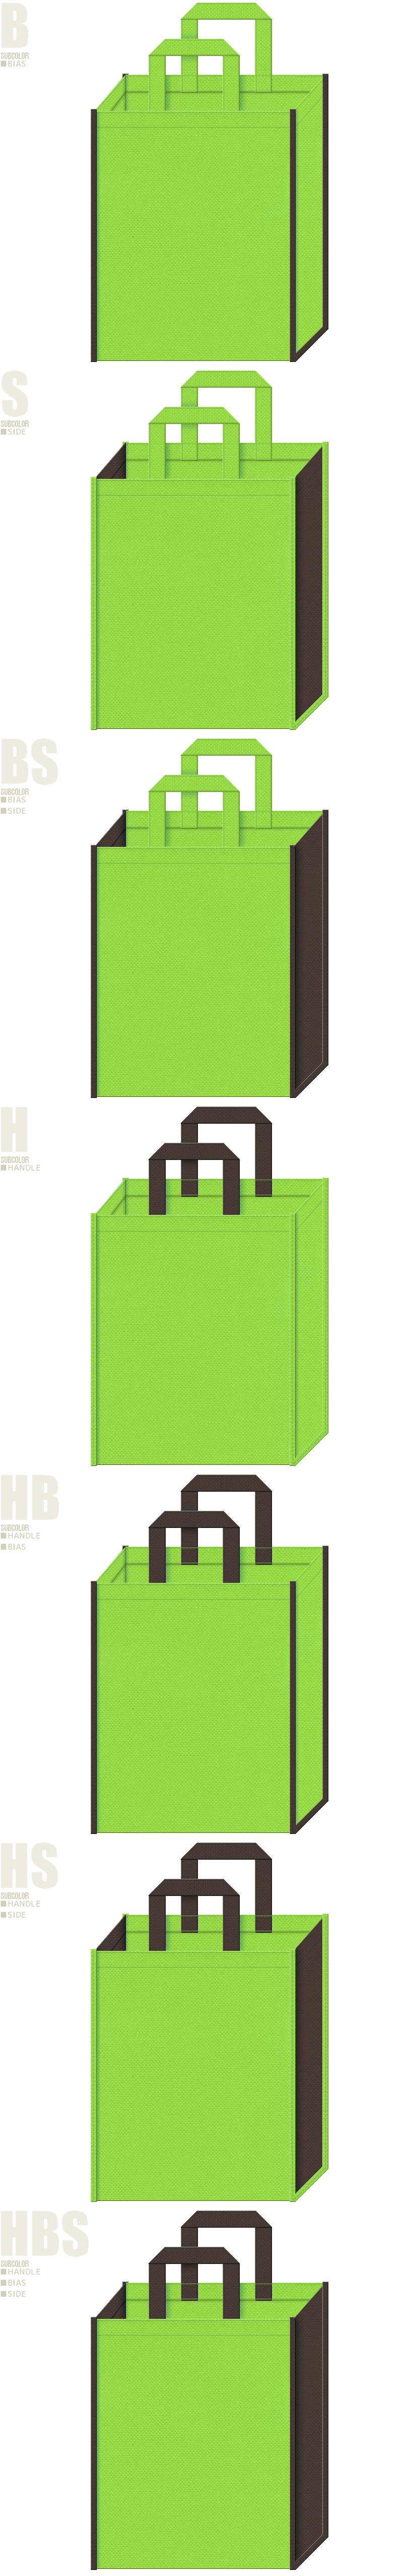 屋上緑化・壁面緑化・環境セミナー・CO2削減・エコイベント・植物園・畑・田んぼアート・種苗・肥料・農業イベント・牧場イベント・産直市場・ガーデニング・エクステリア・園芸用品の展示会用バッグにお奨めの不織布バッグデザイン:黄緑色とこげ茶色の配色7パターン